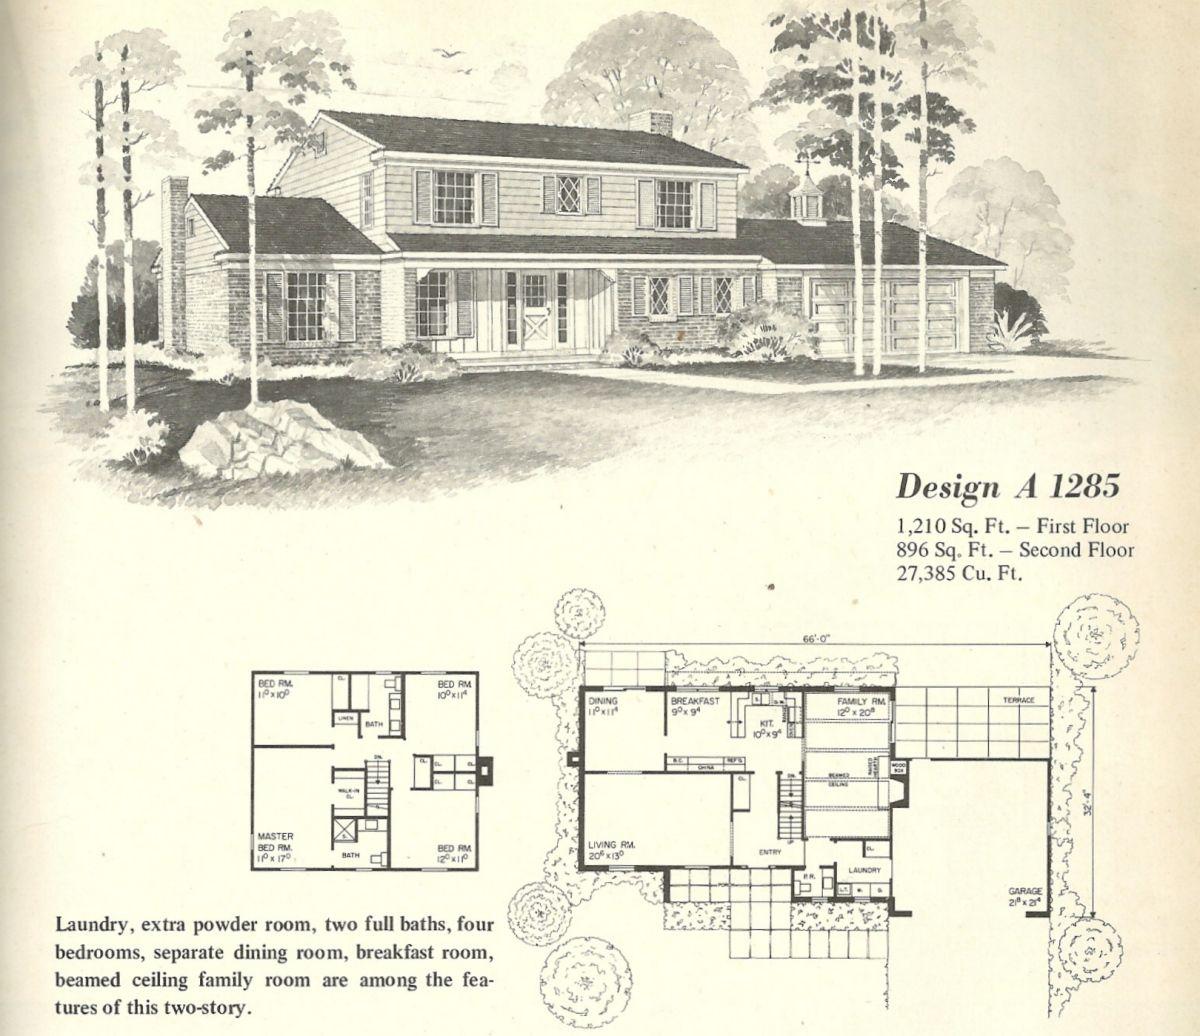 vintage house plans farmhouses - Vintage Farmhouse Plans